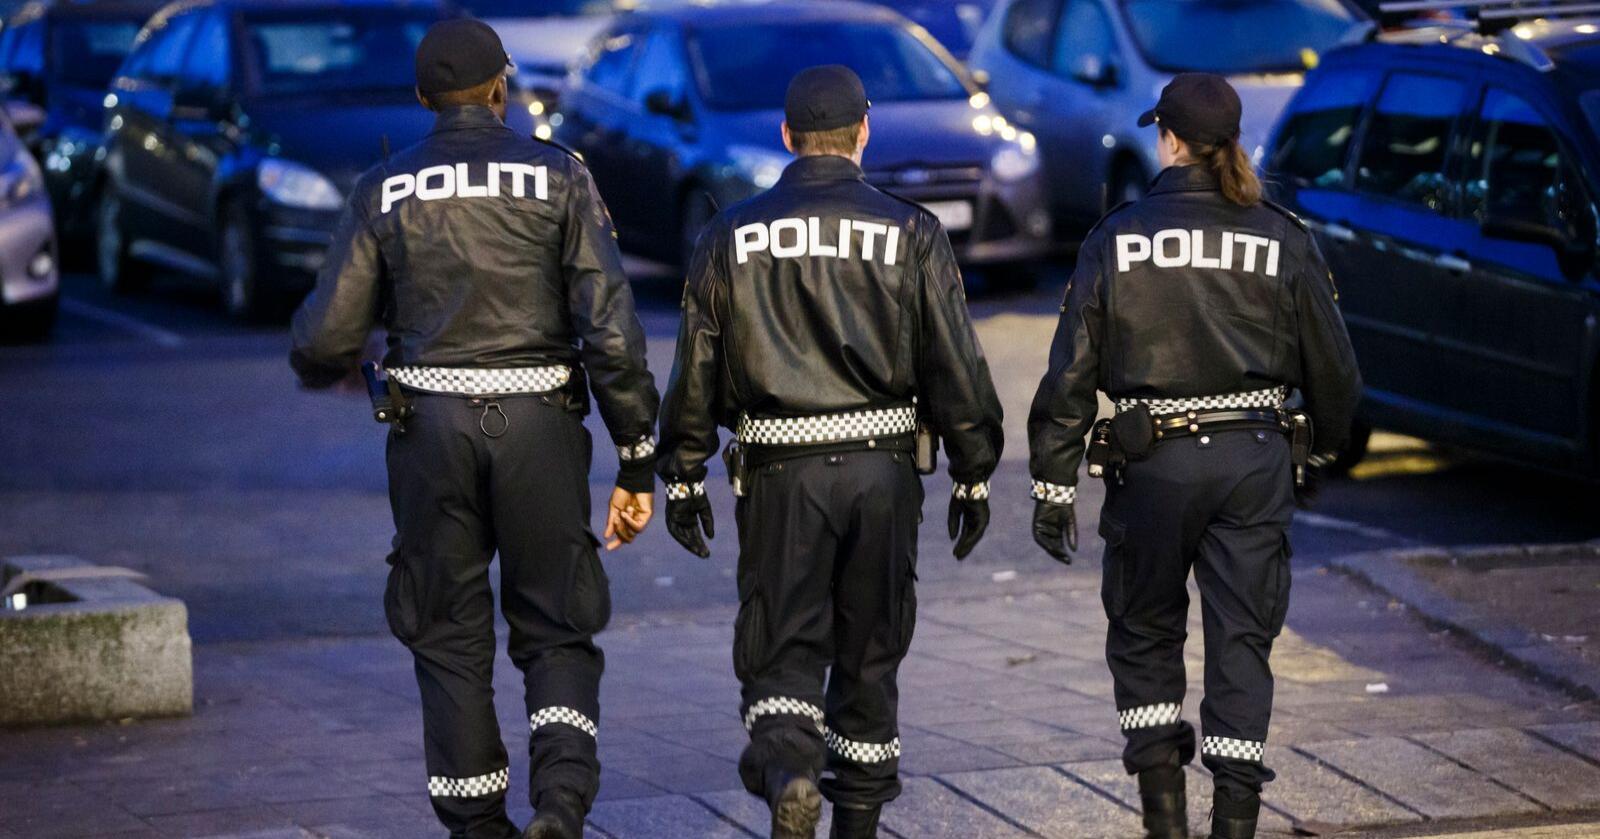 Politiets Fellesforbund mener folk er blitt holdt for narr etter at regjeringen lovet mer nærpoliti for fem år siden. Her tre politifolk som patruljerer gatene i Ski. Illustrasjonsfoto: Heiko Junge / NTB scanpix